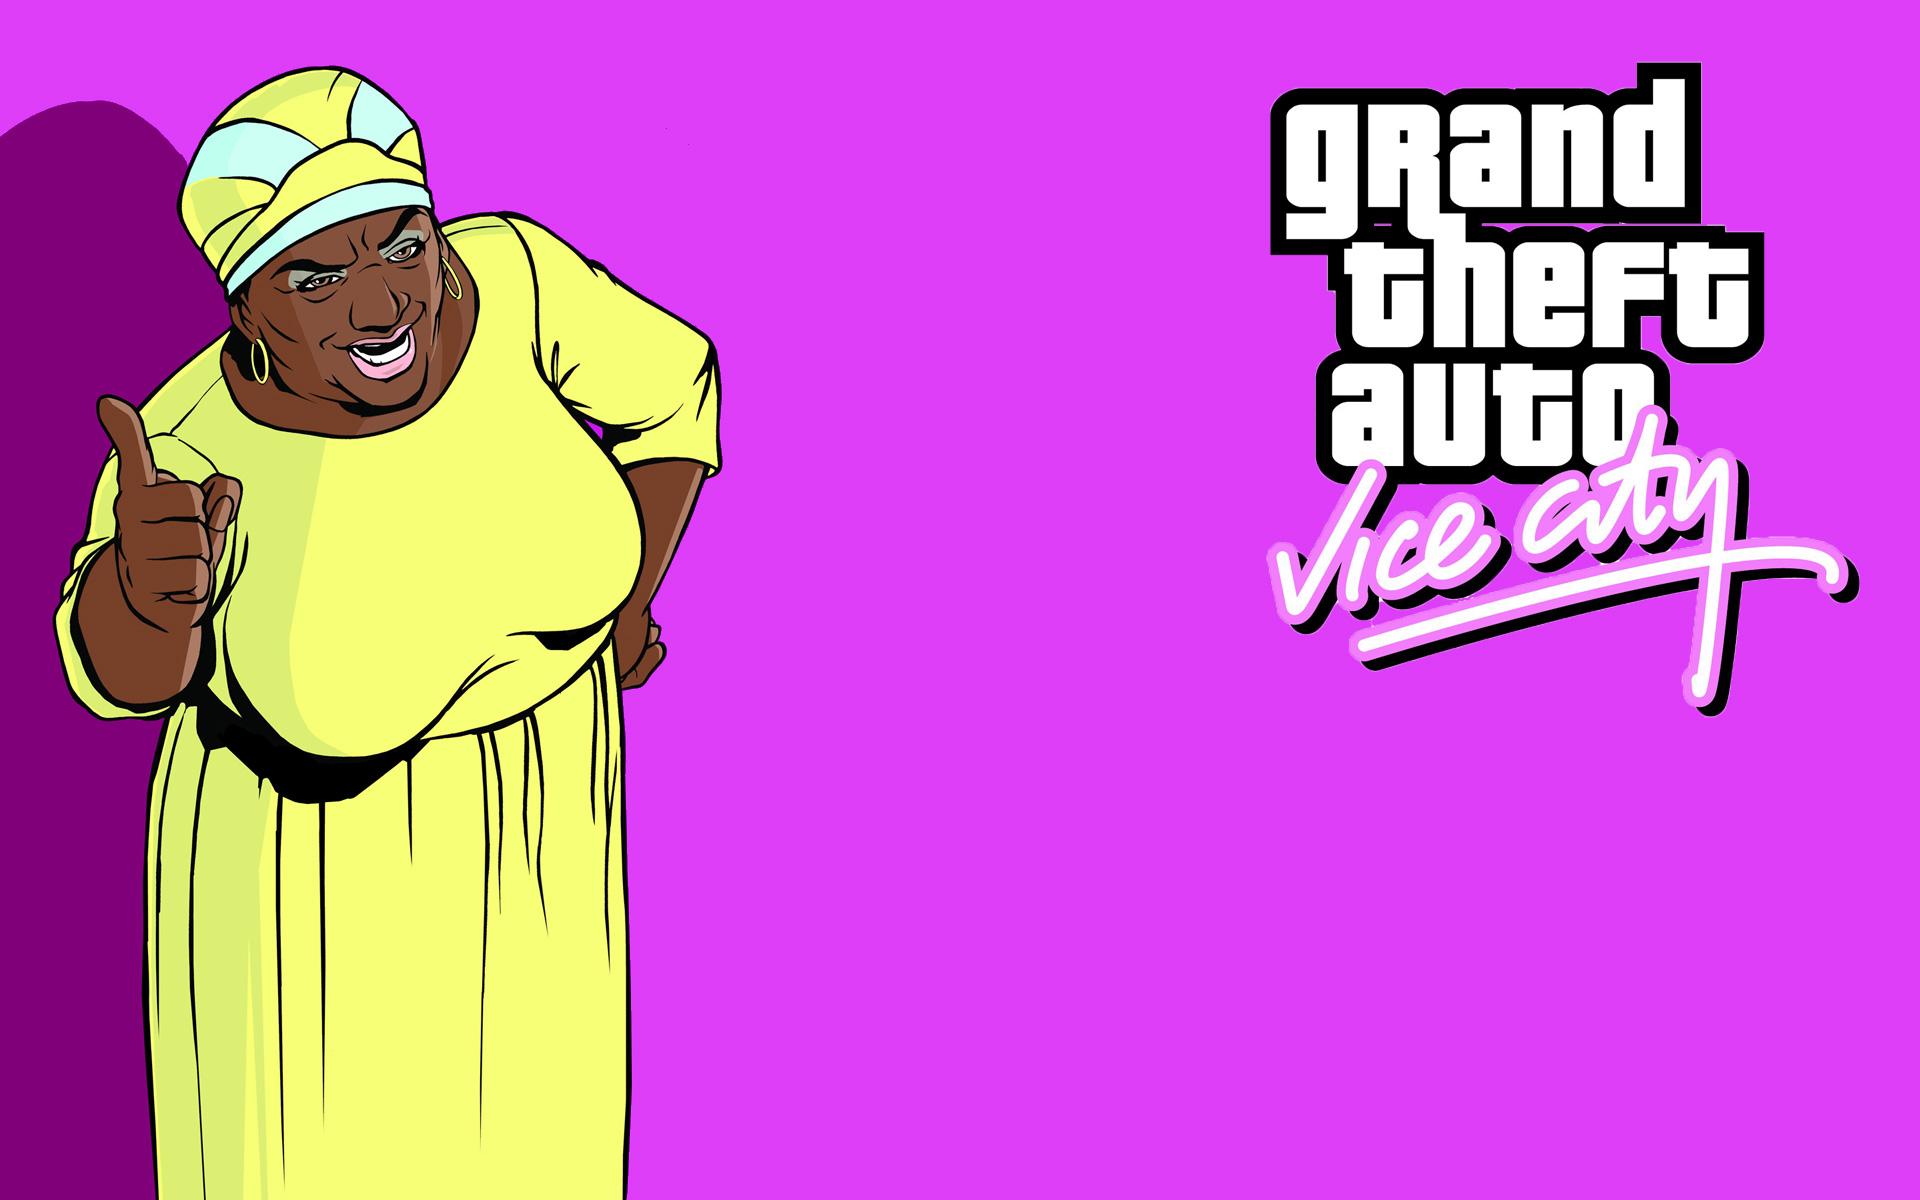 Grand Theft Auto: Vice City Wallpaper in 1920x1200